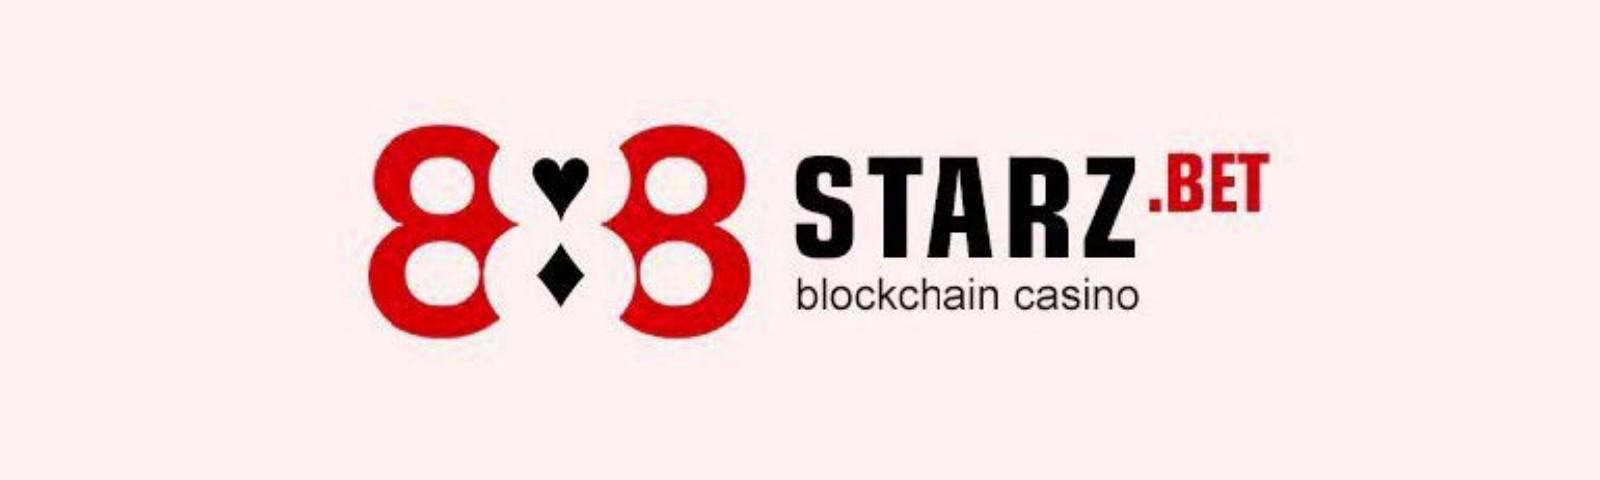 Партнерская программа 888starz.bet